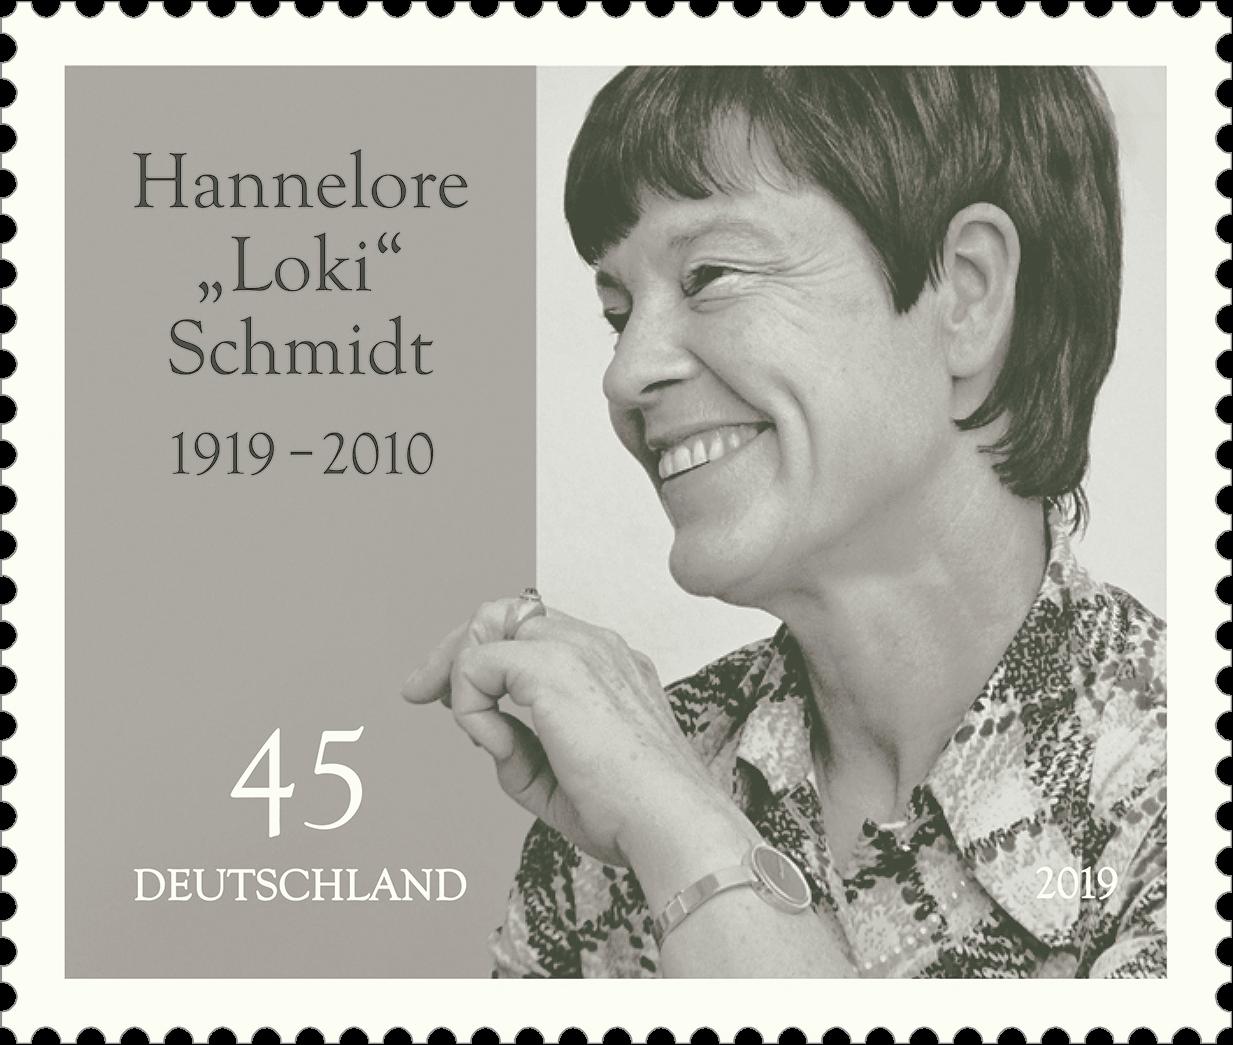 https://www.borek.de/briefmarke-100-geburtstag-hannelore-loki-schmidt